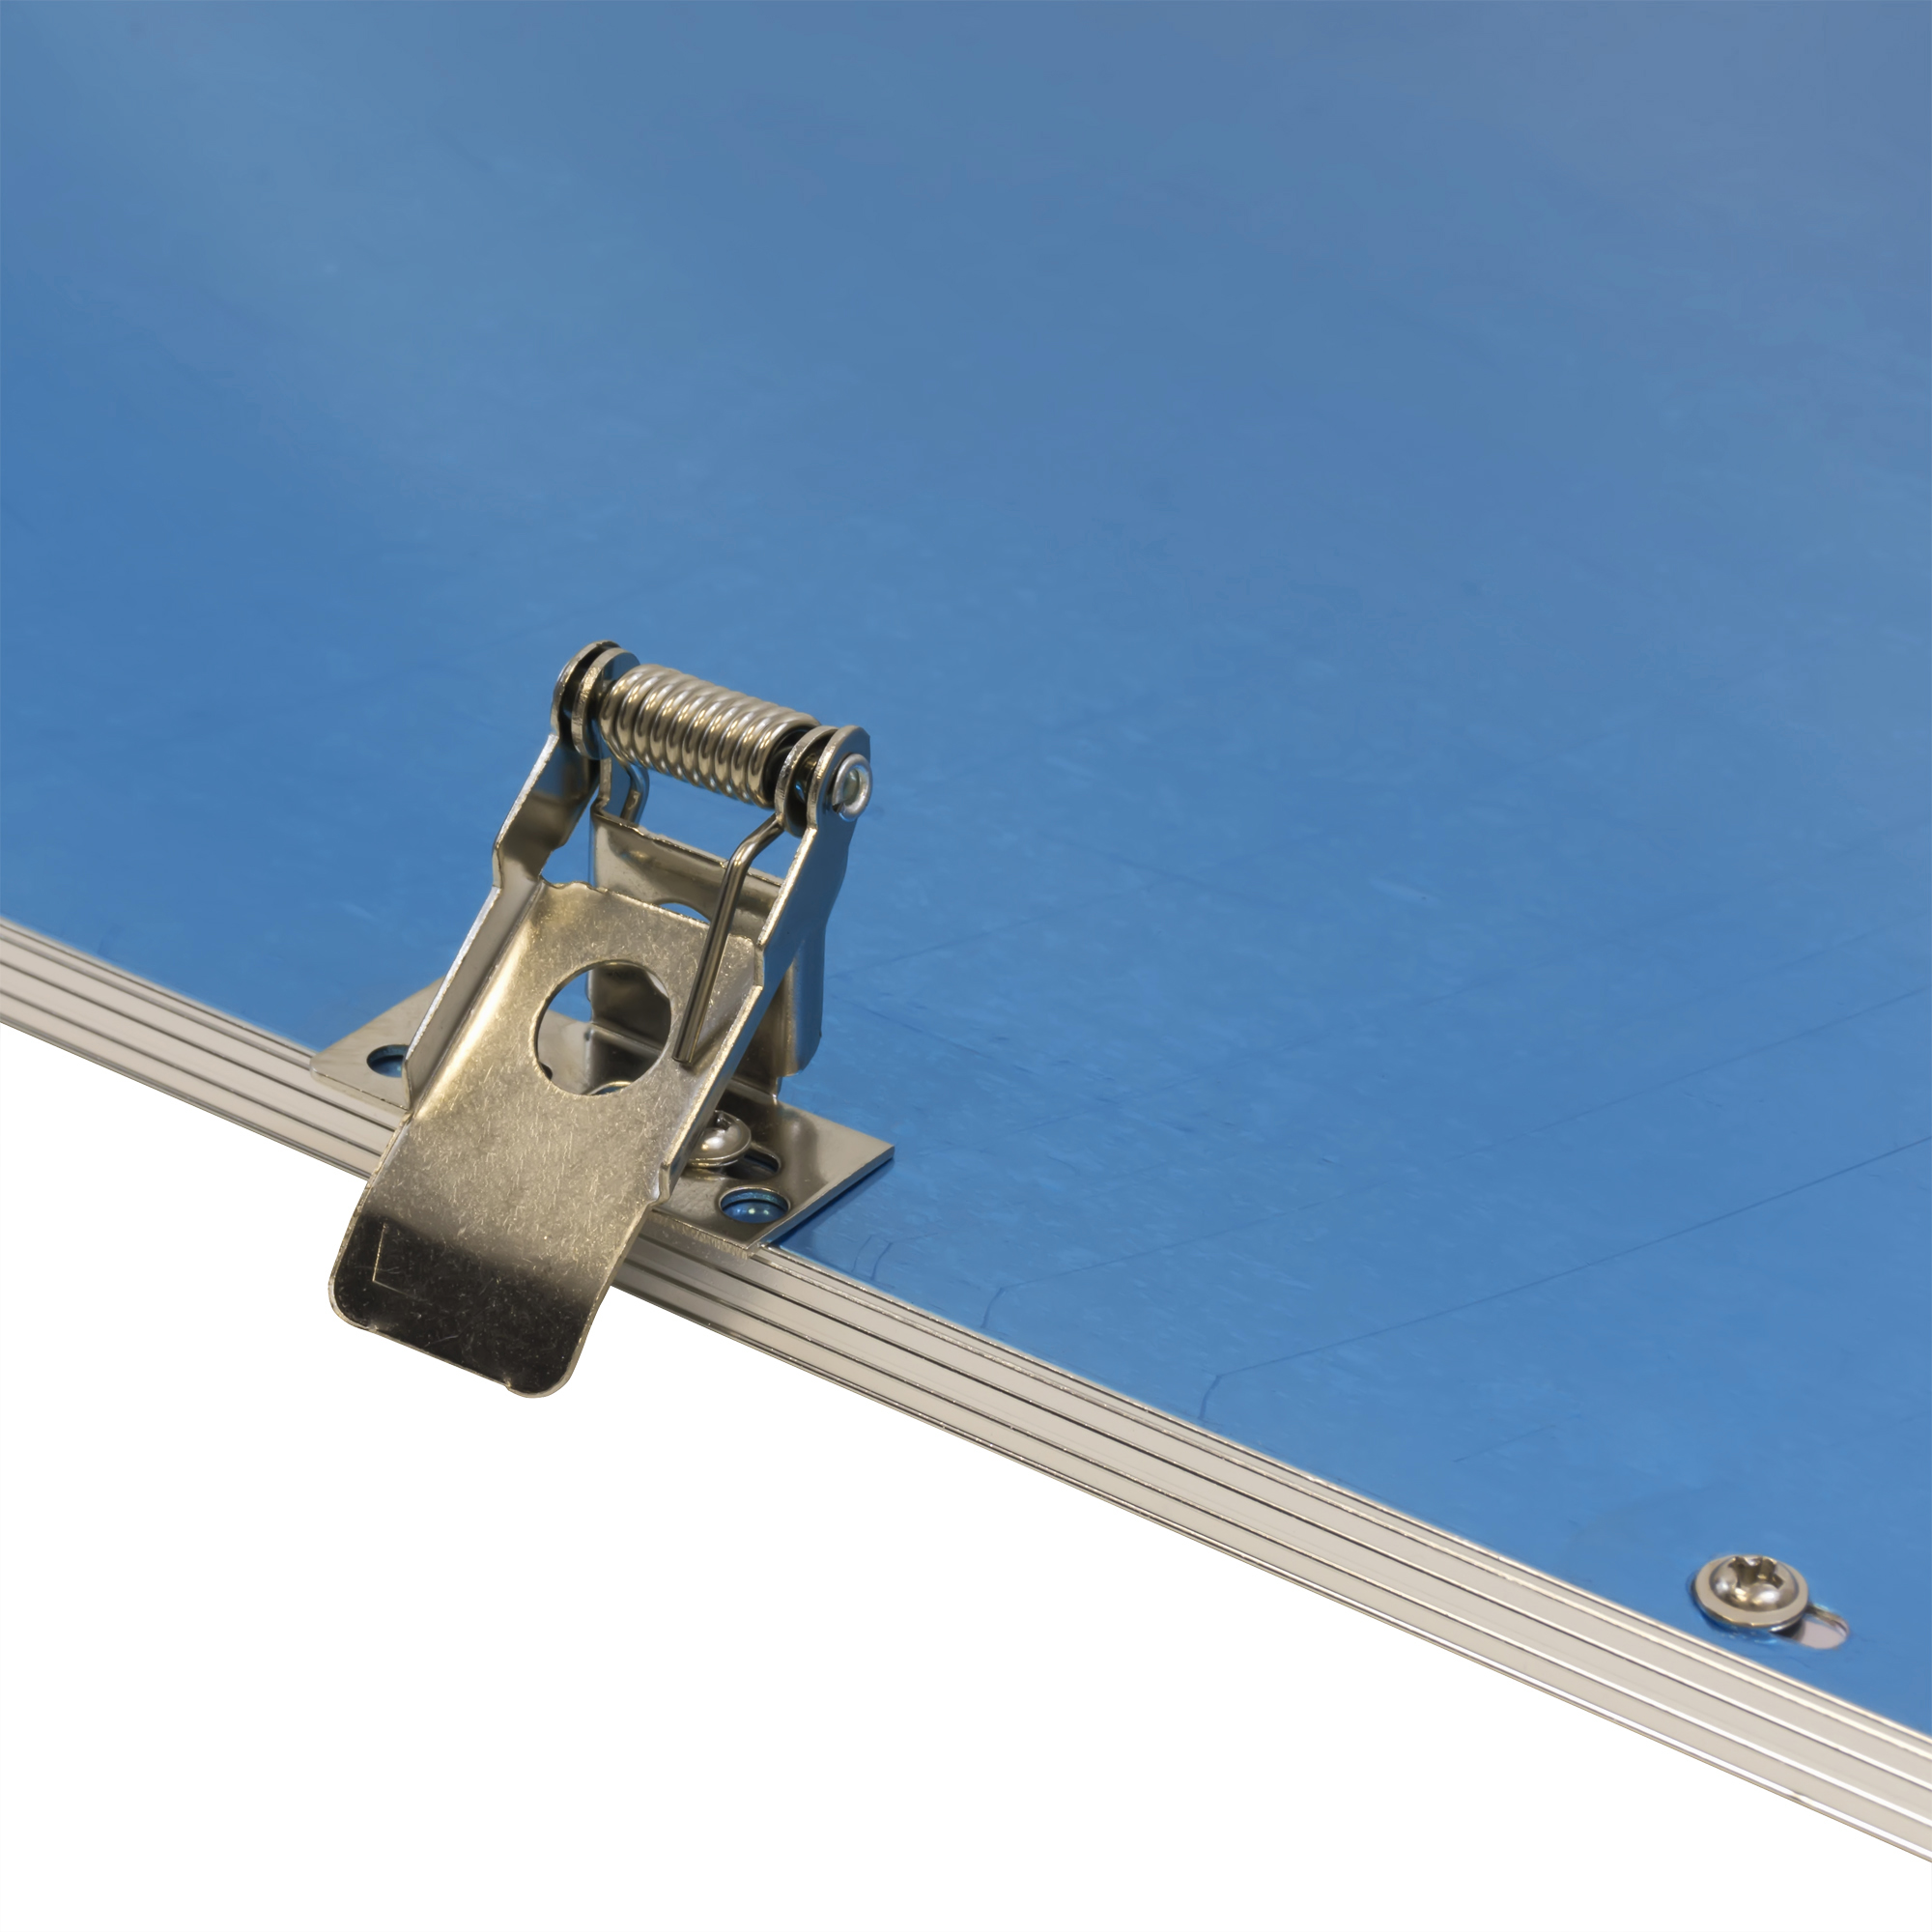 LEDVero 1er Set 120x60cm Ultraslim LED Panel 60W, 5700lm, 6000K Deckenleuchte mit Befestigungsclips und EMV2016 Trafo -Kaltweiß- Energieklasse A+